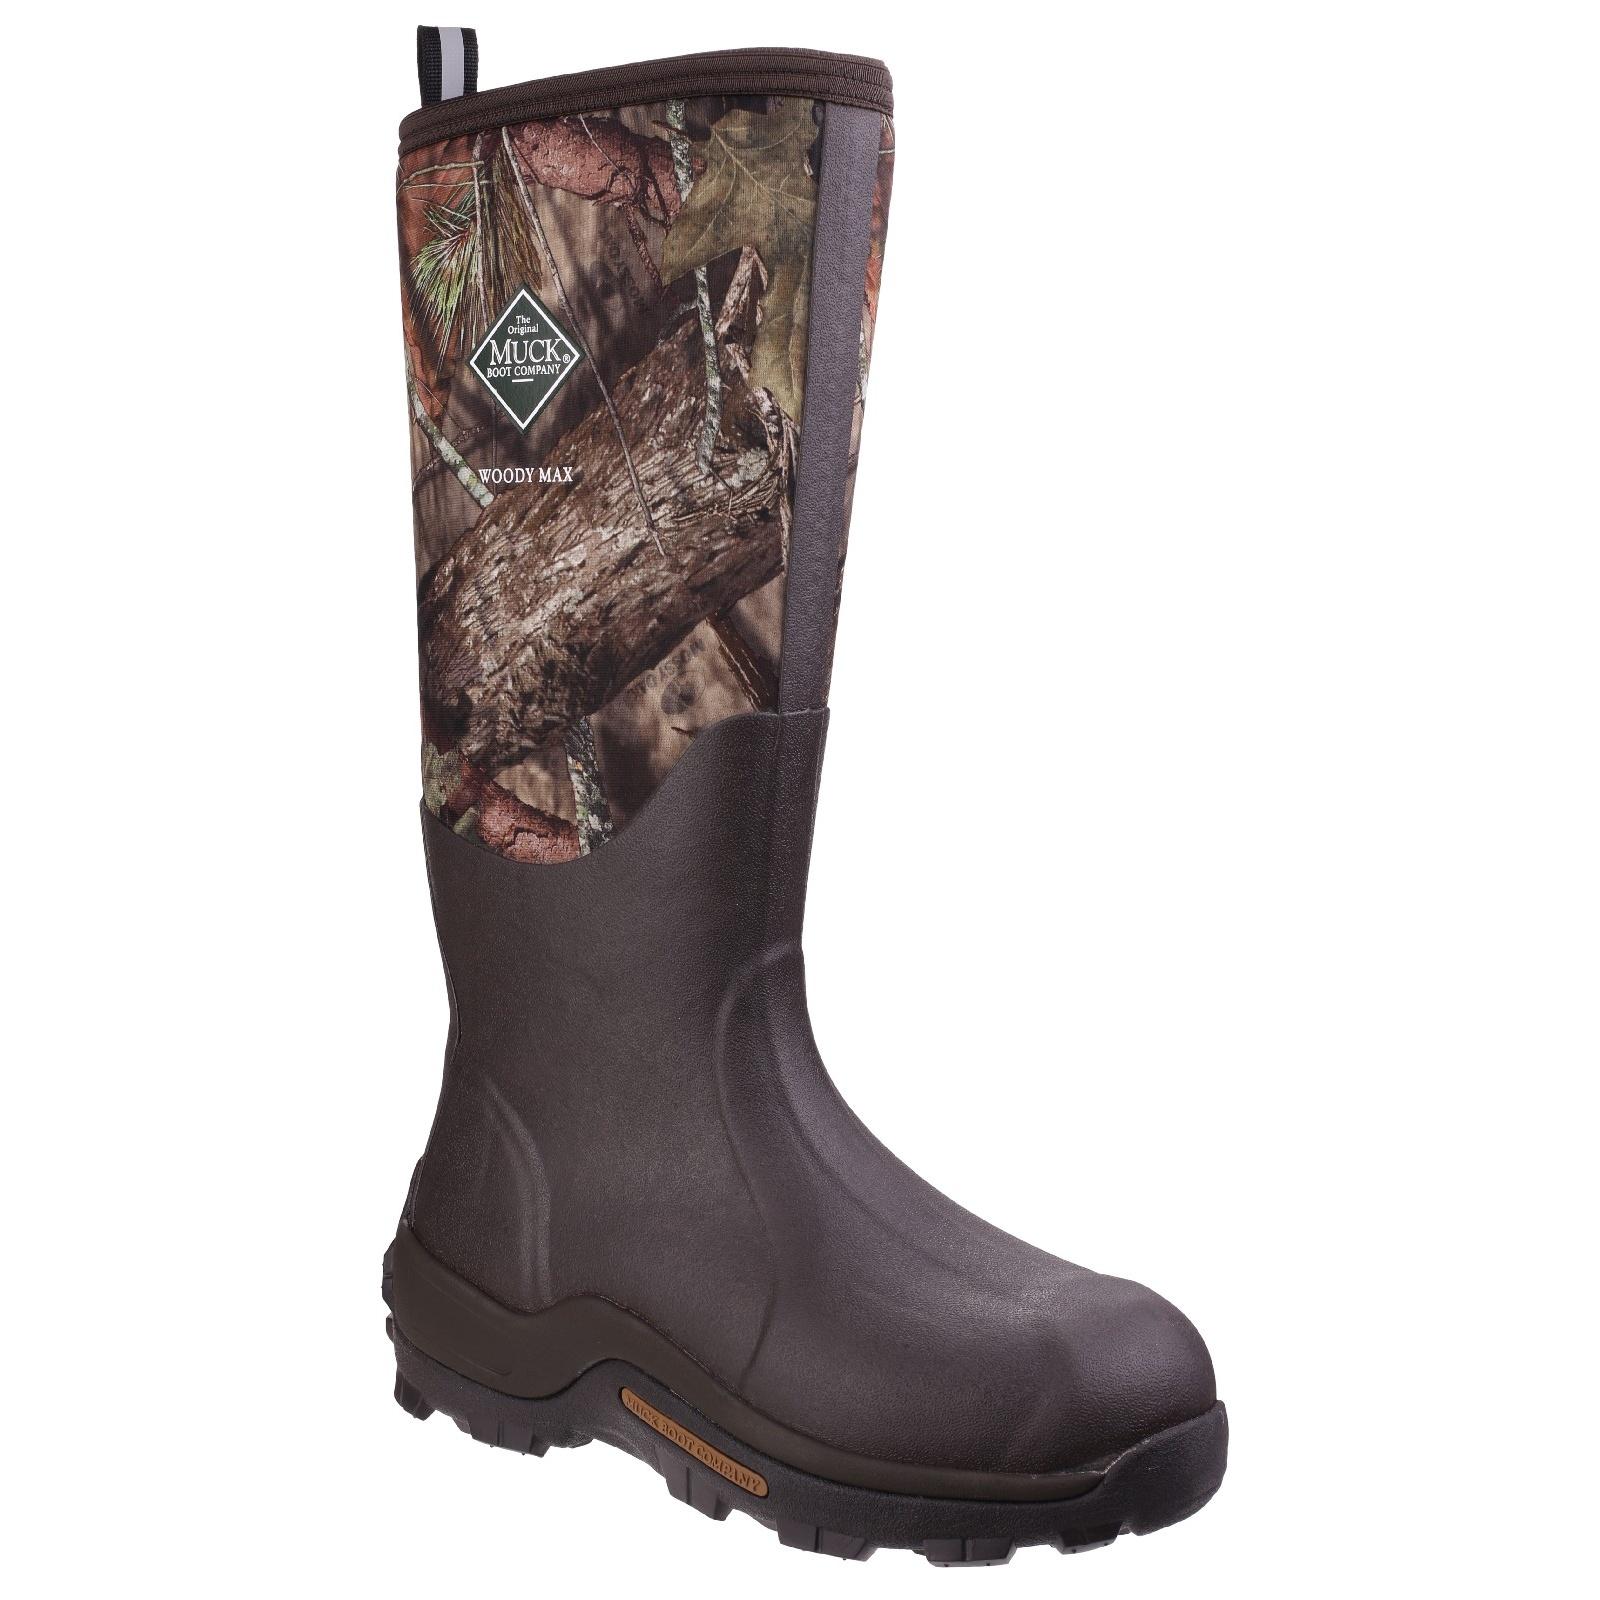 Muck Boots Woody - Bottes de de de chasse - Adulte mixte (FS4315) | Shopping Online  fc9845